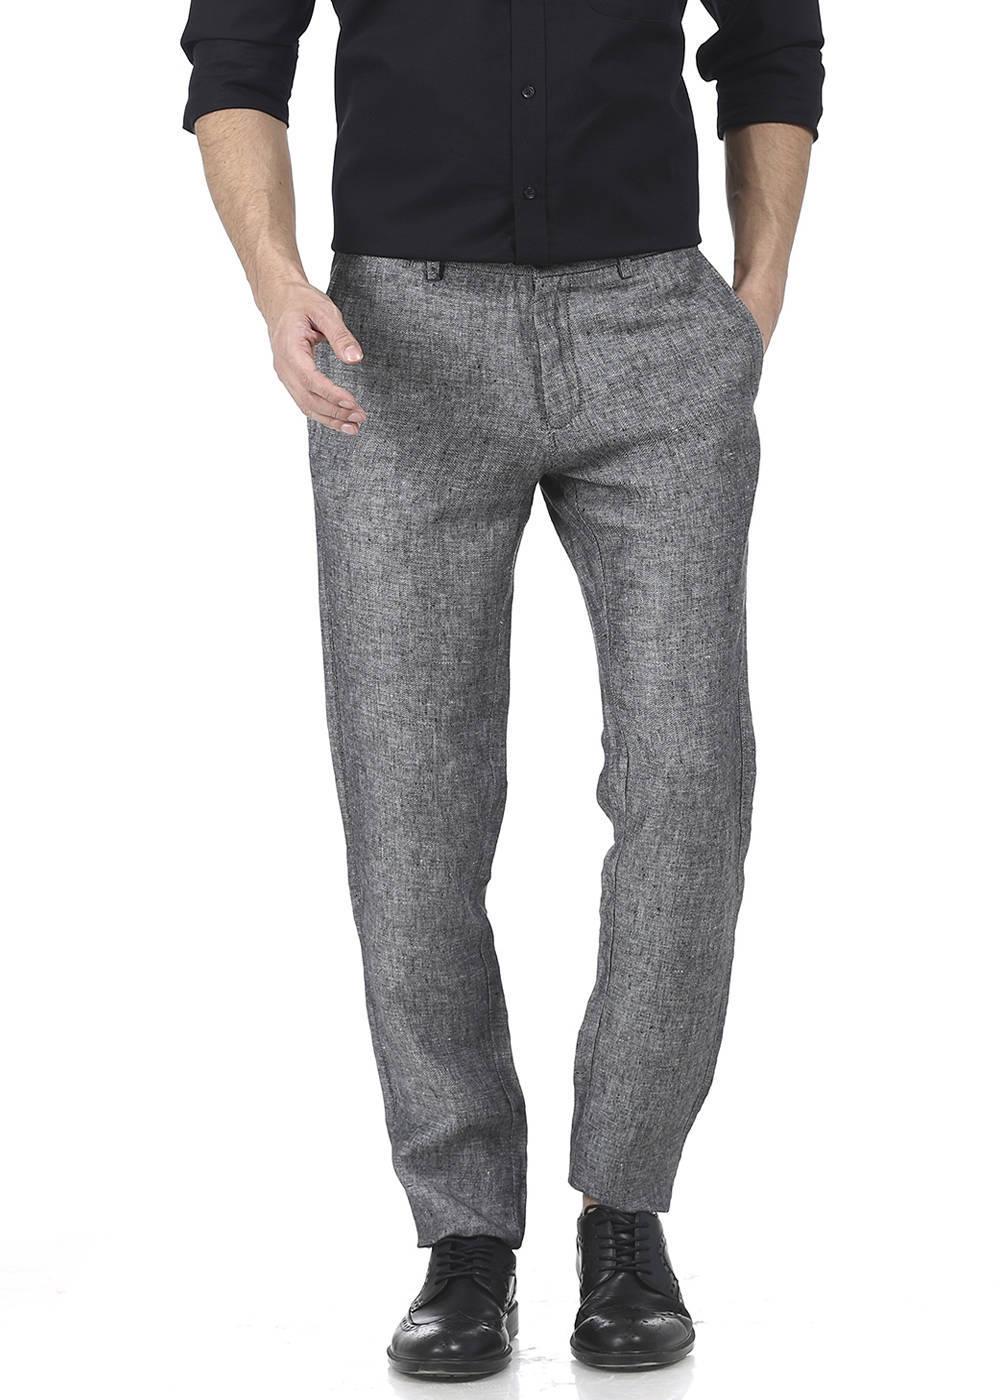 Basics | Basics Tapered Fit Raven Black Linen Trouser